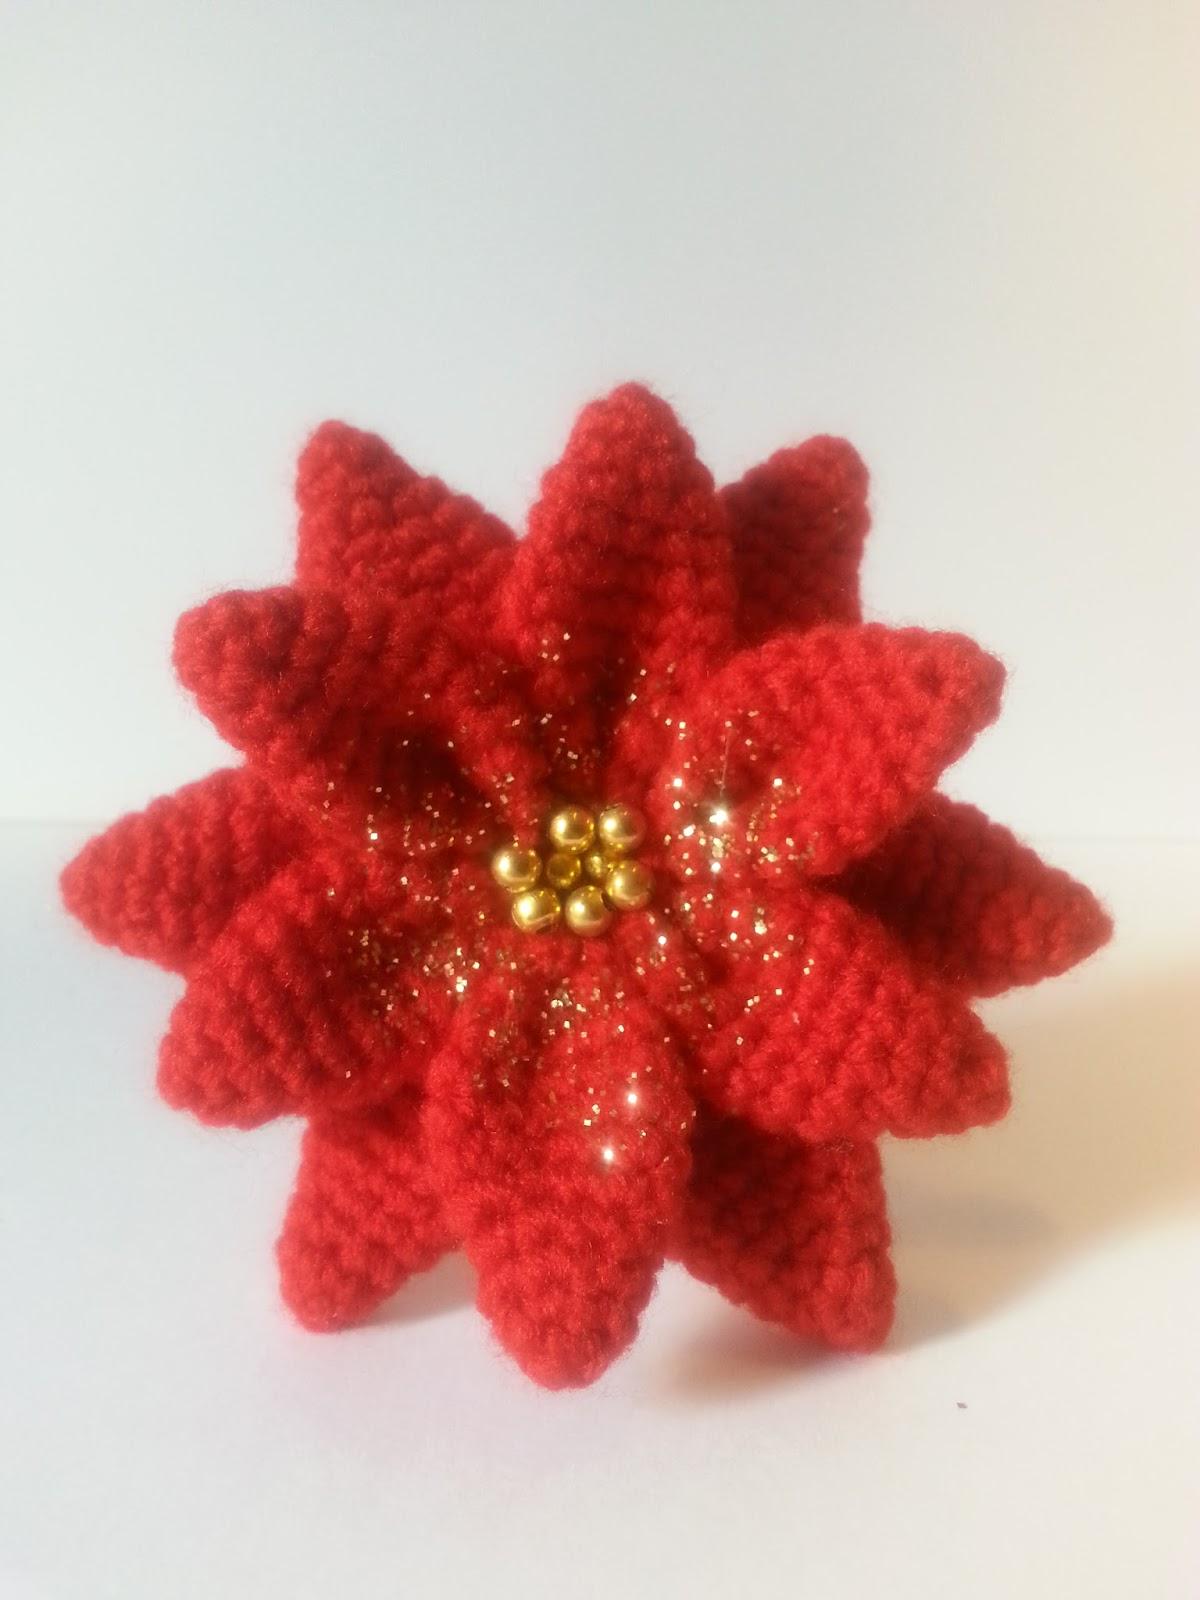 anygurumi: Dia1. Poinsettia-Flor de Navidad